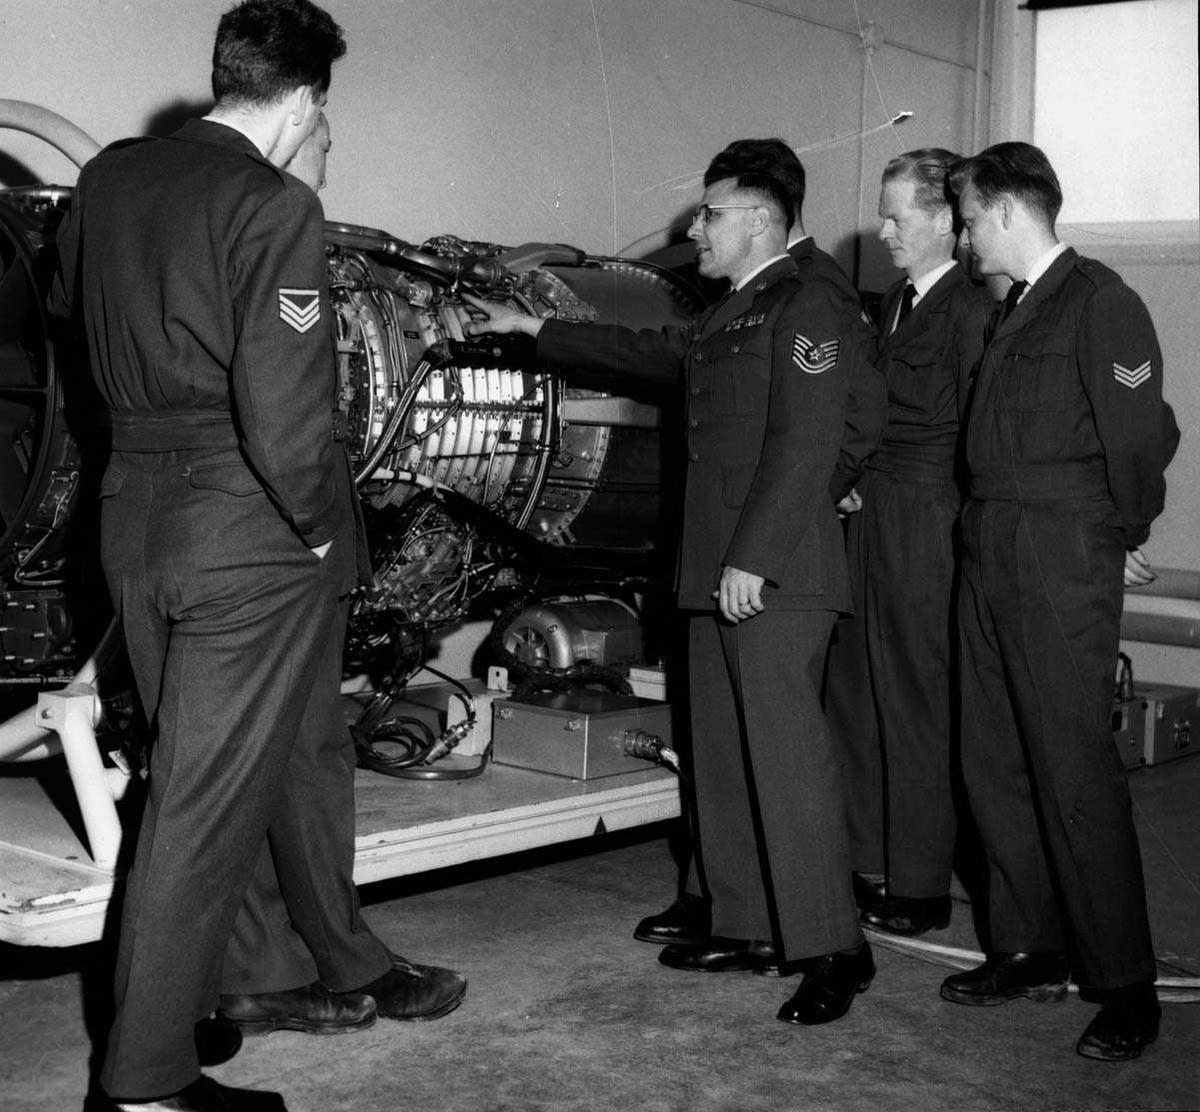 Gruppe.  Seks personer i uniform ved siden av en jetmotor.